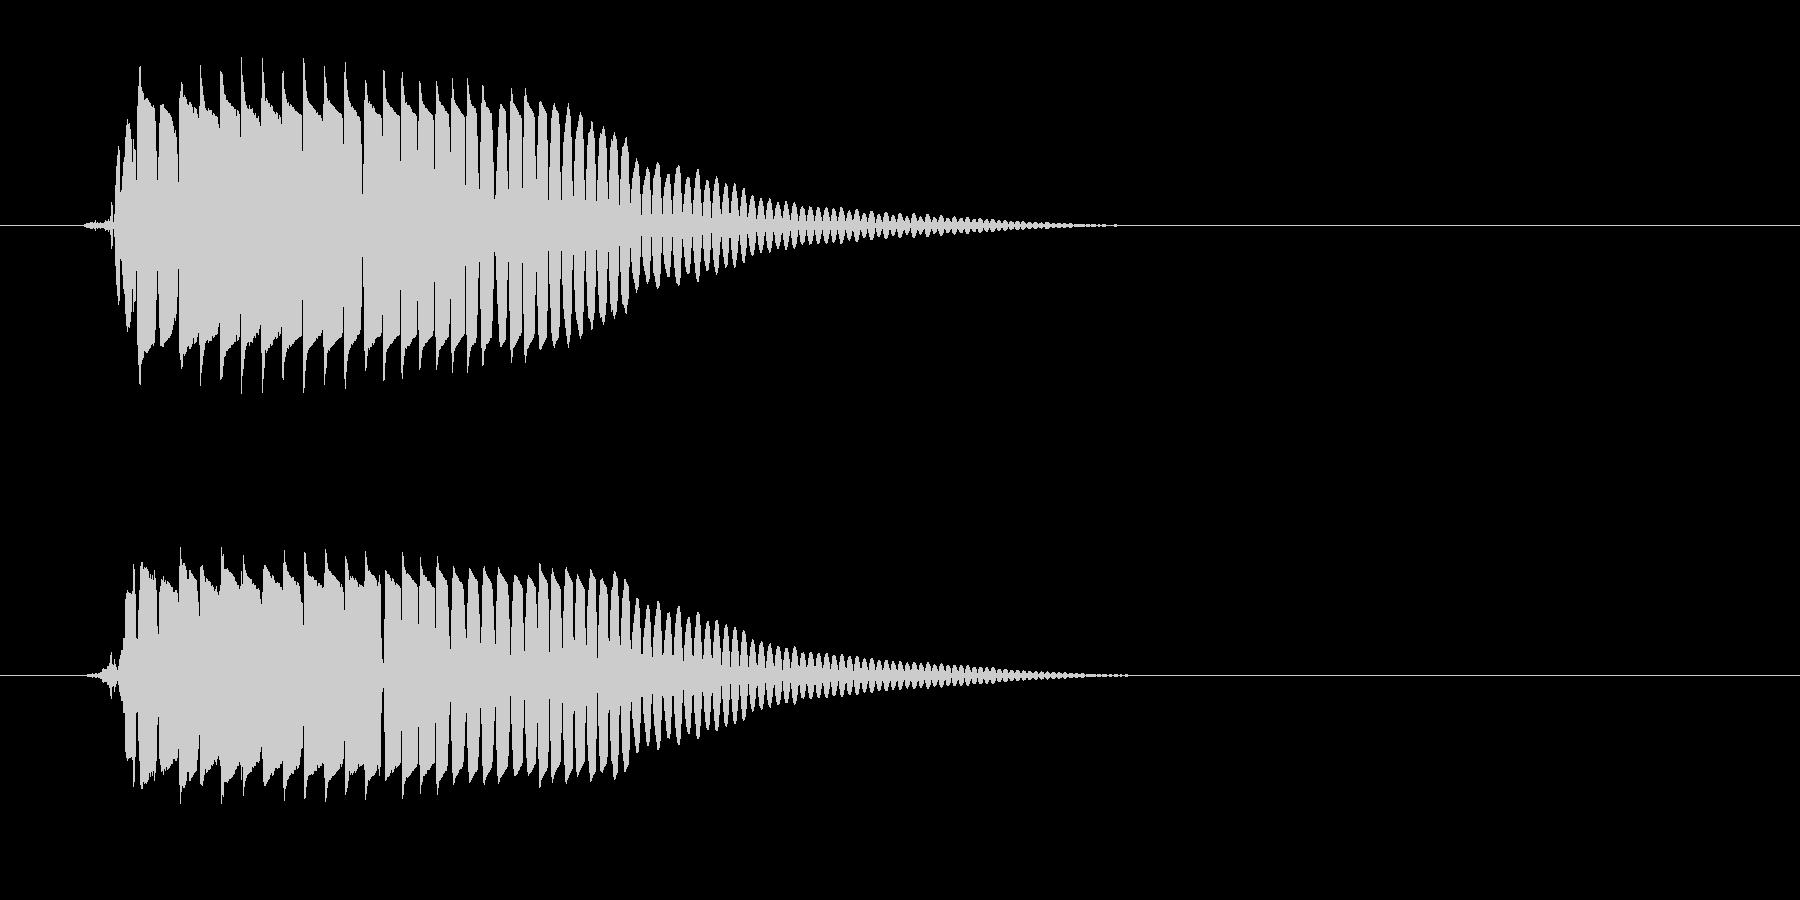 ポヨン(かわいい音)の未再生の波形